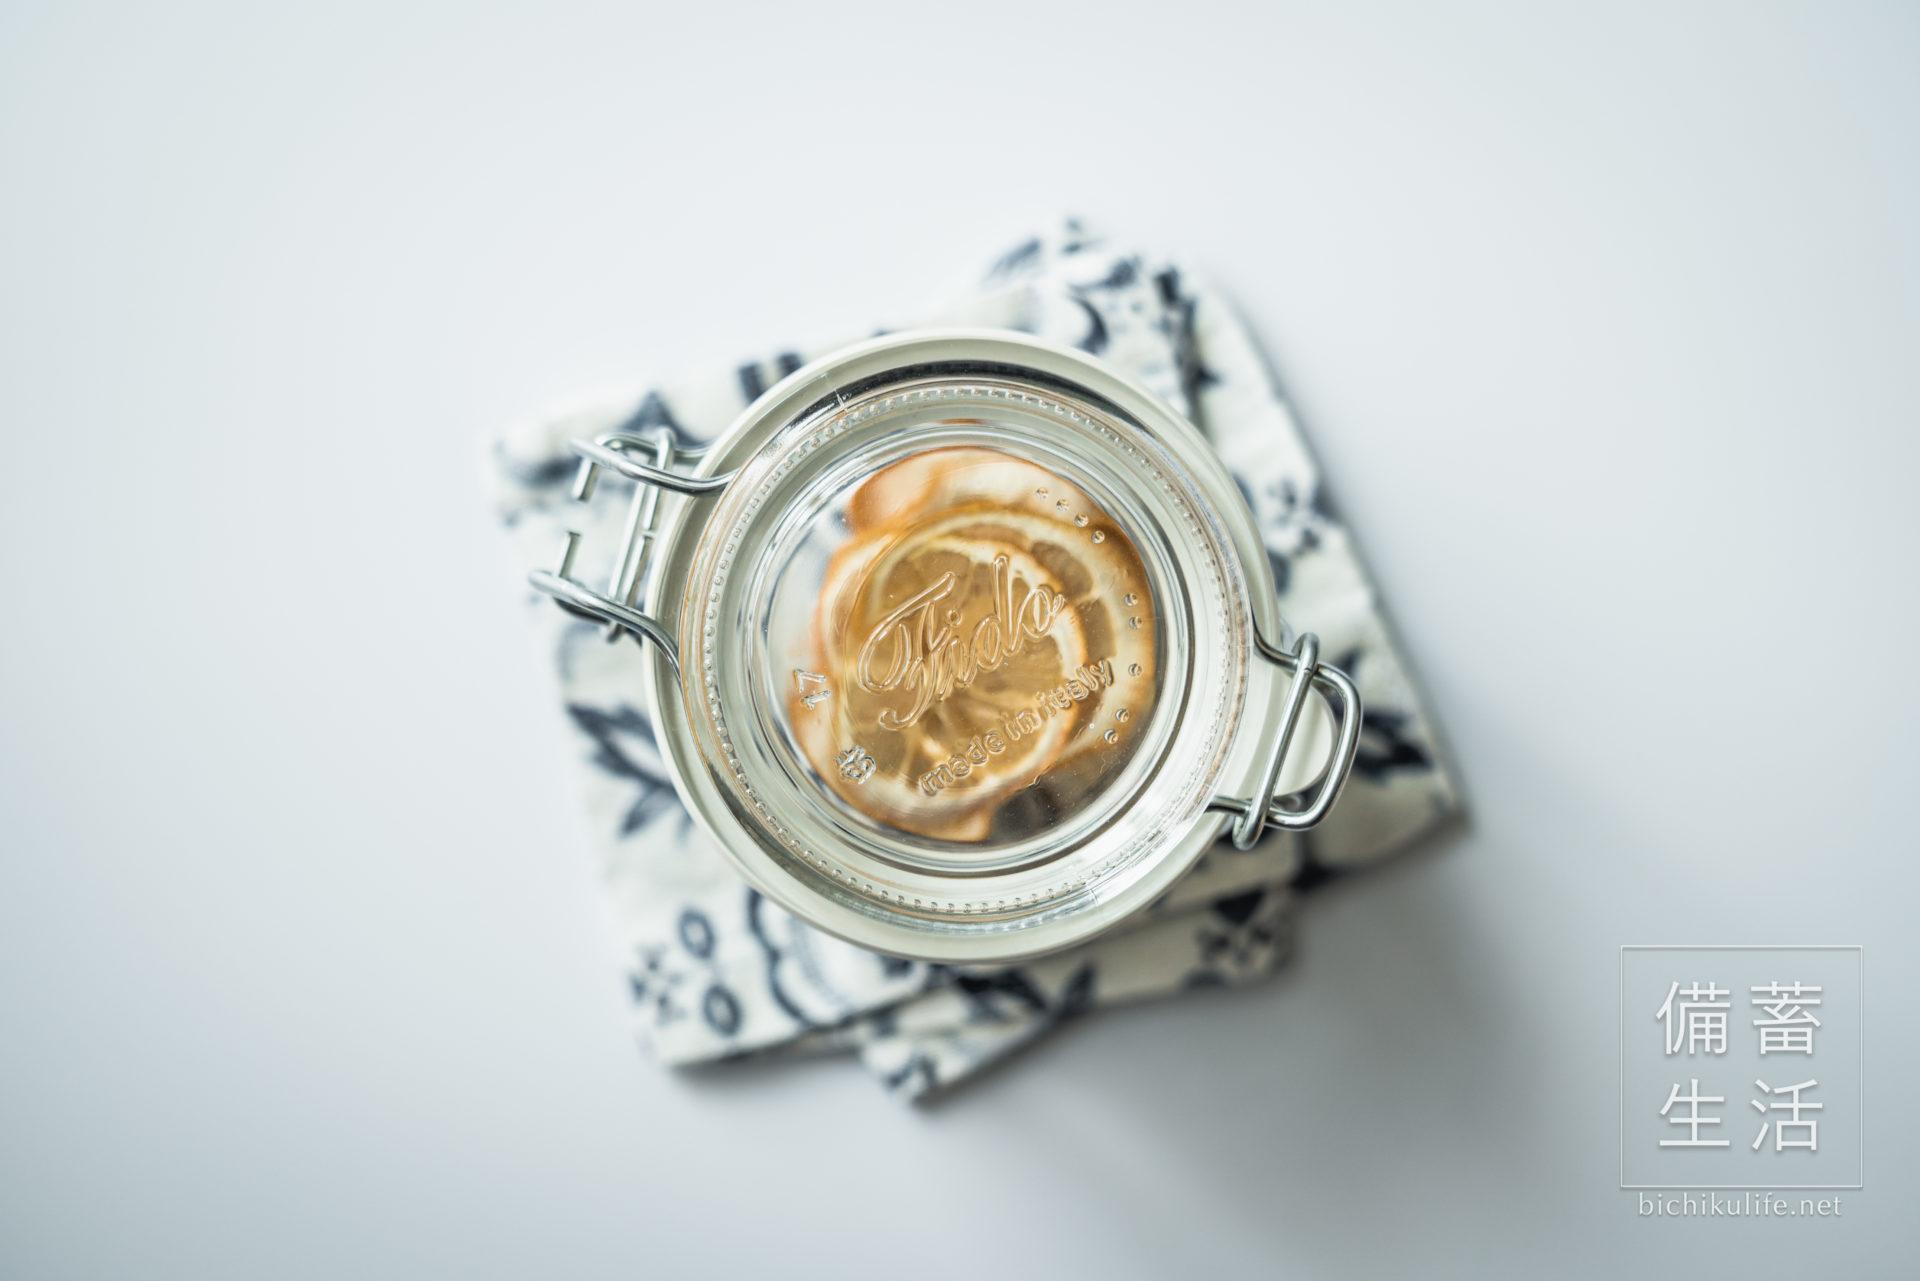 無印良品 ソーダガラス密封ビン Muji Soda Glass Storage Jar